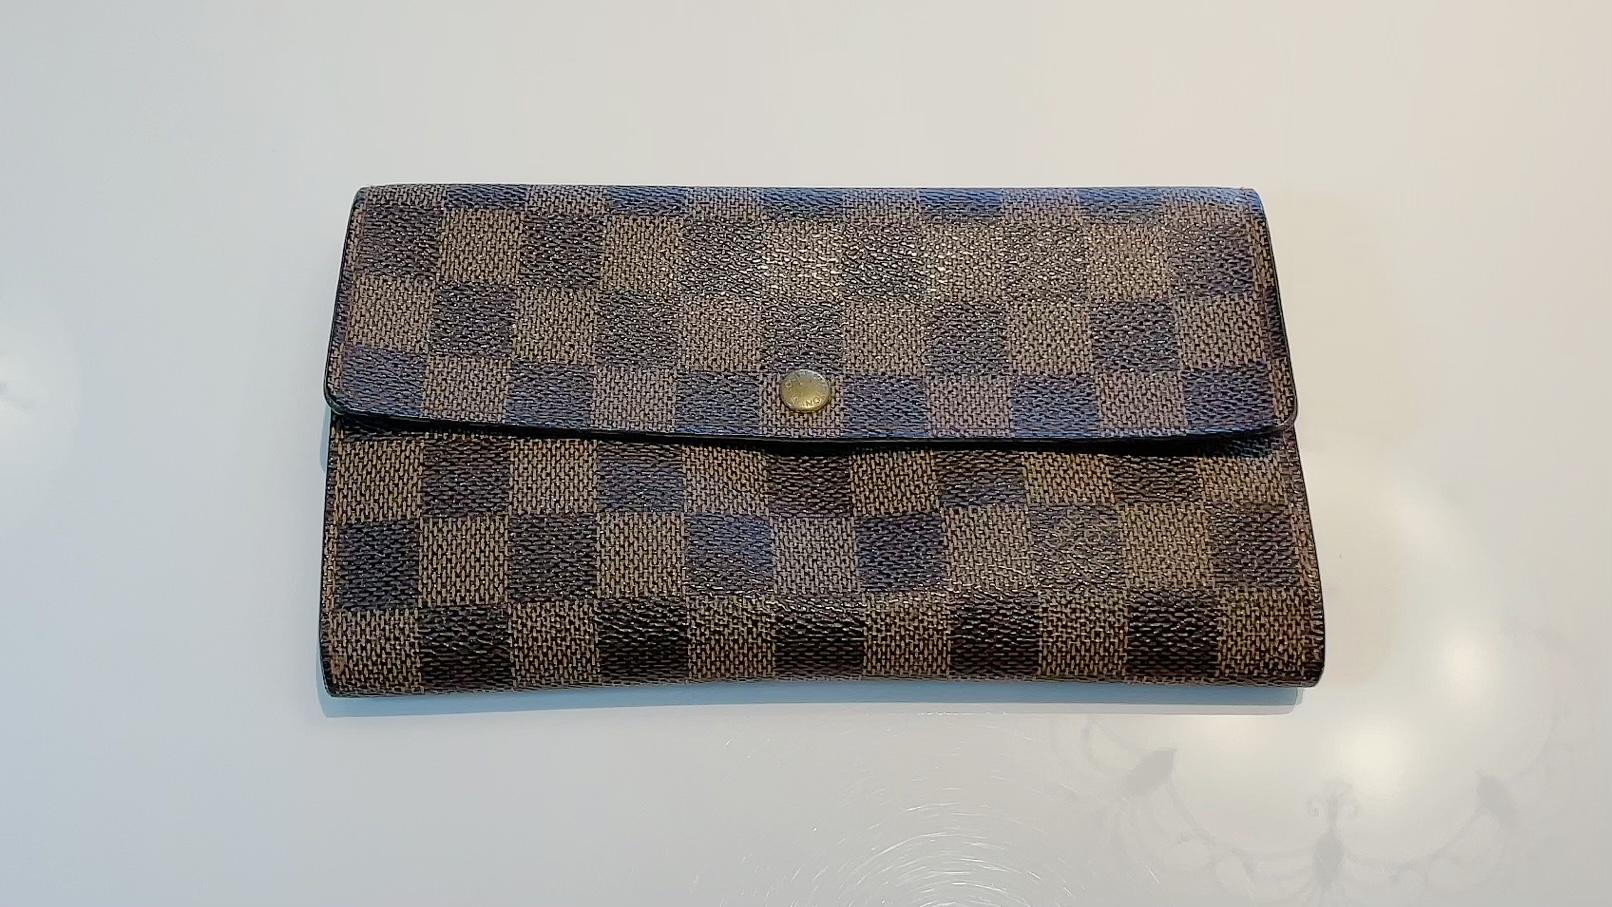 【買取速報】ブランド財布、LOUIS VUITTON-2021-06-09